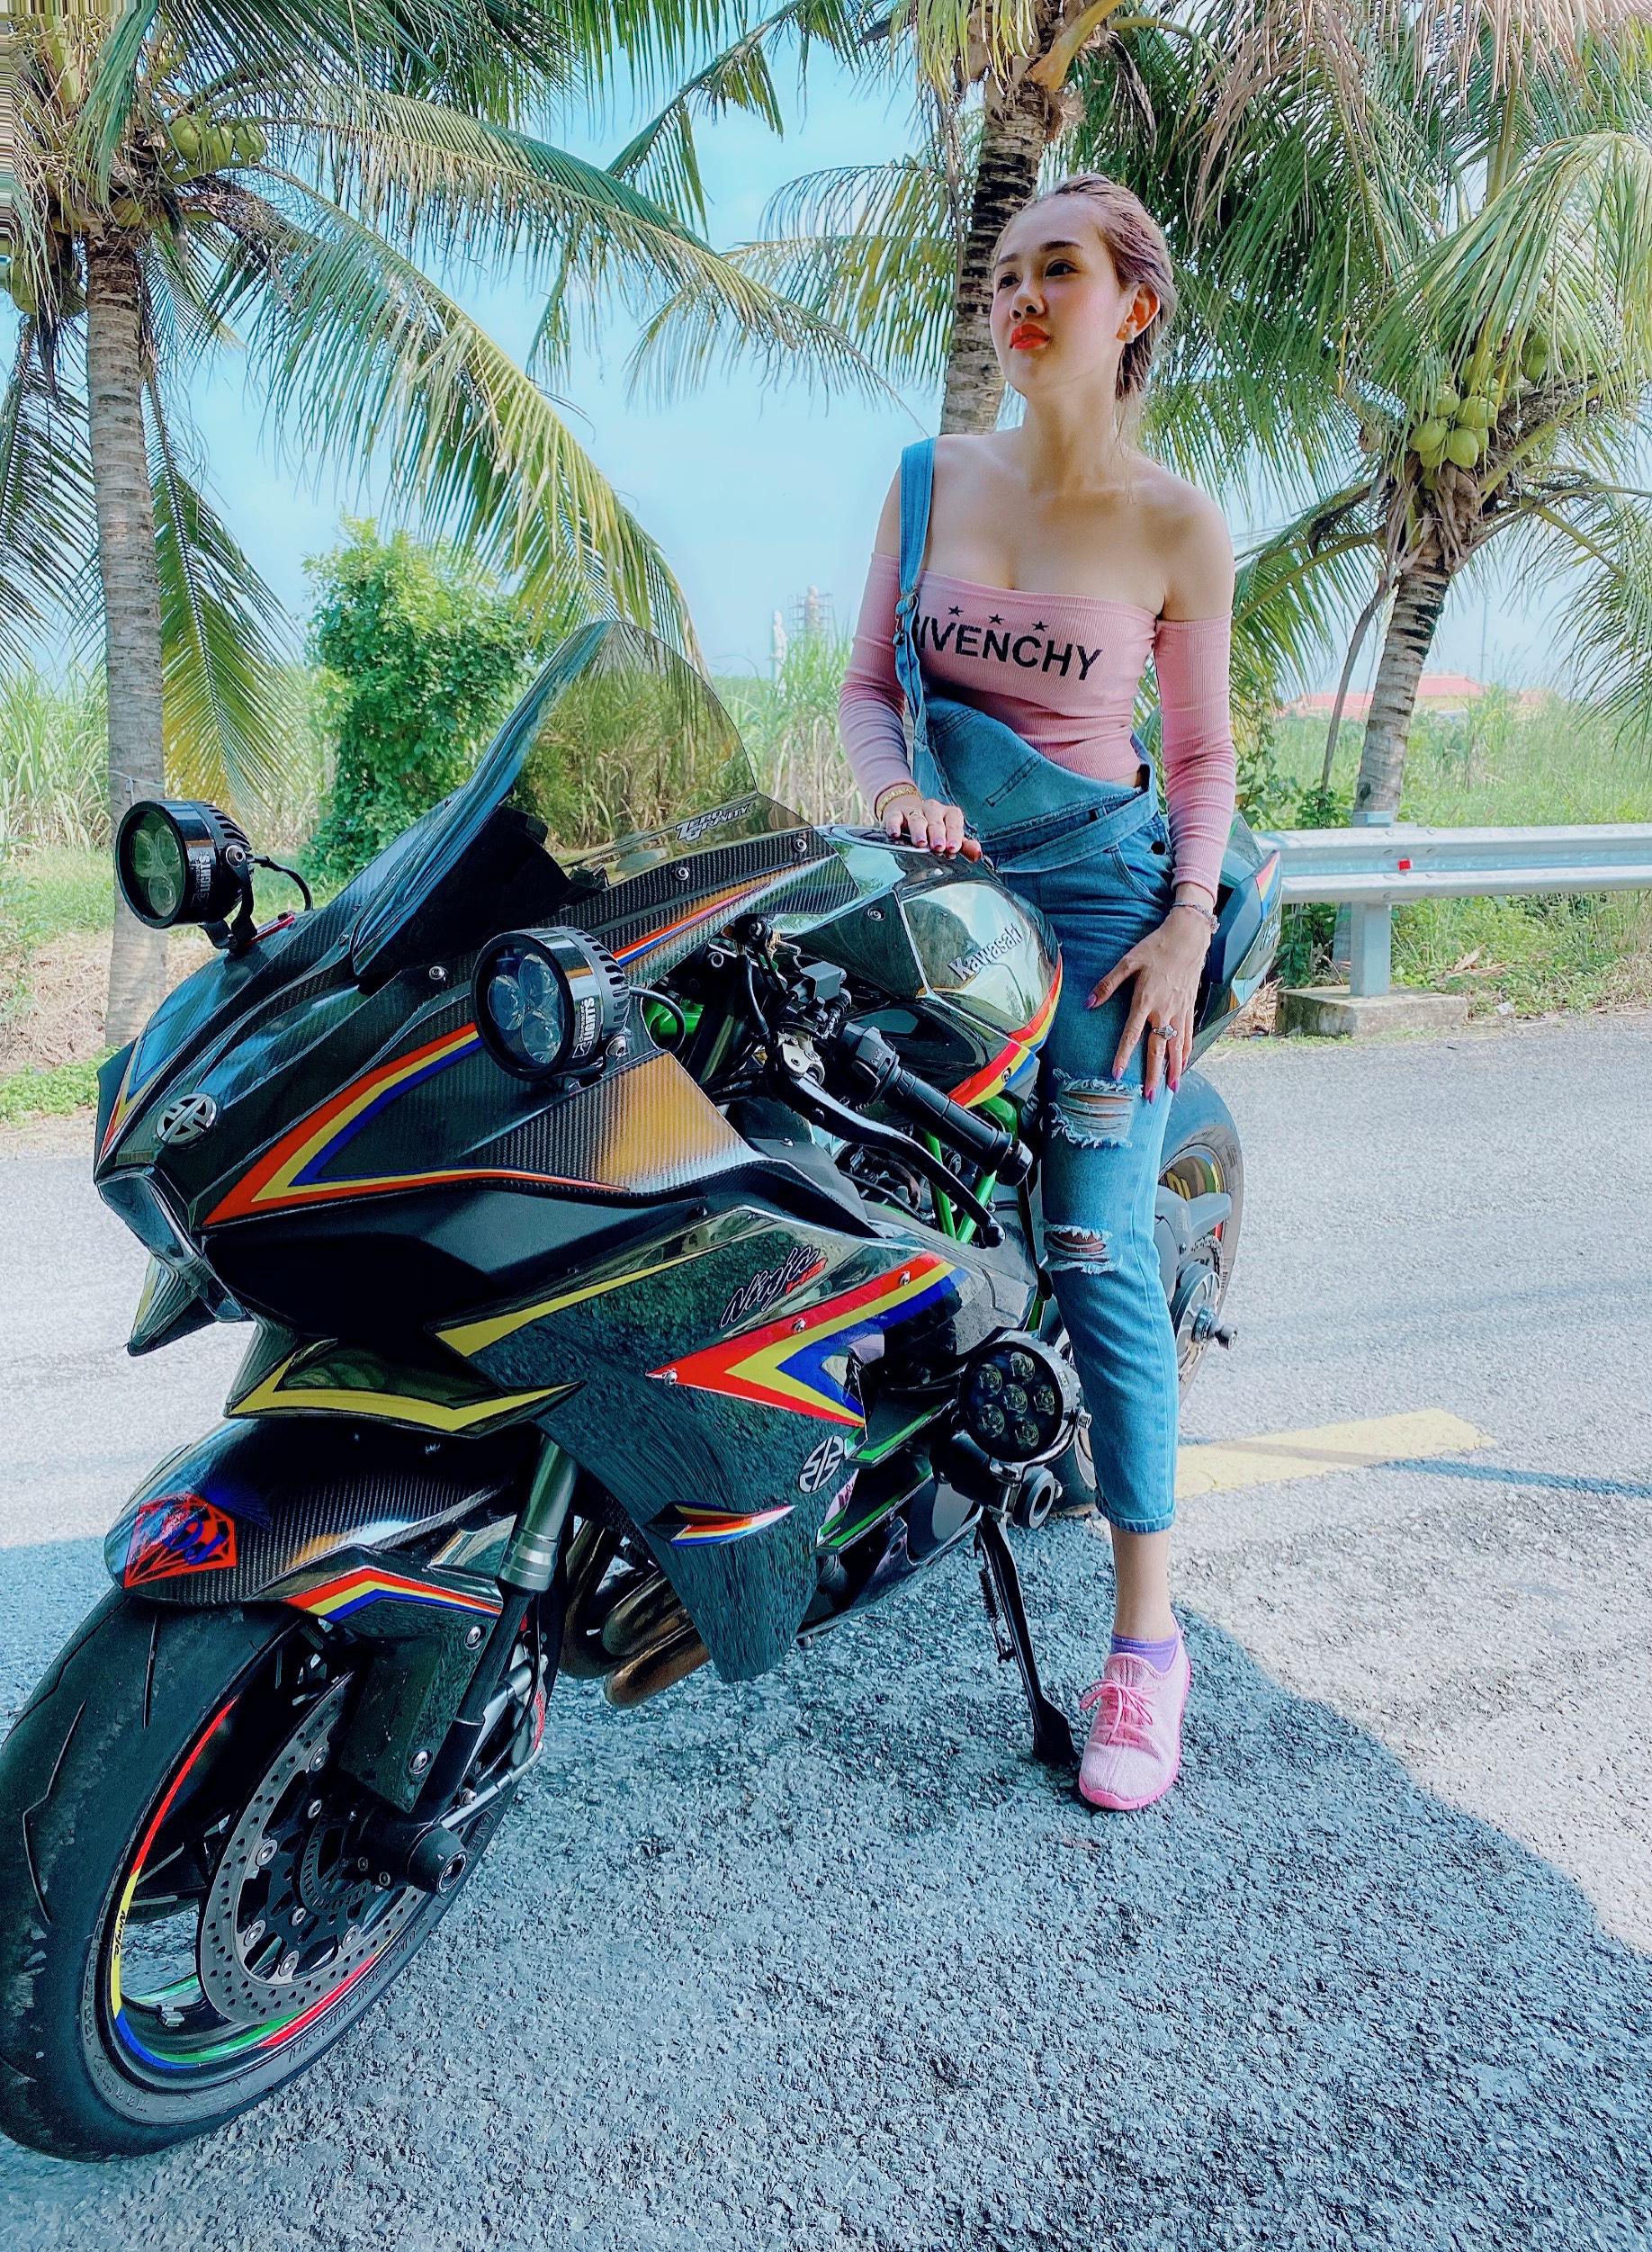 """Hot girl mô tô phân khối lớn Tina Phạm: """"Cưỡi ngựa sắt là quên hết sự đời"""" - Ảnh 12."""